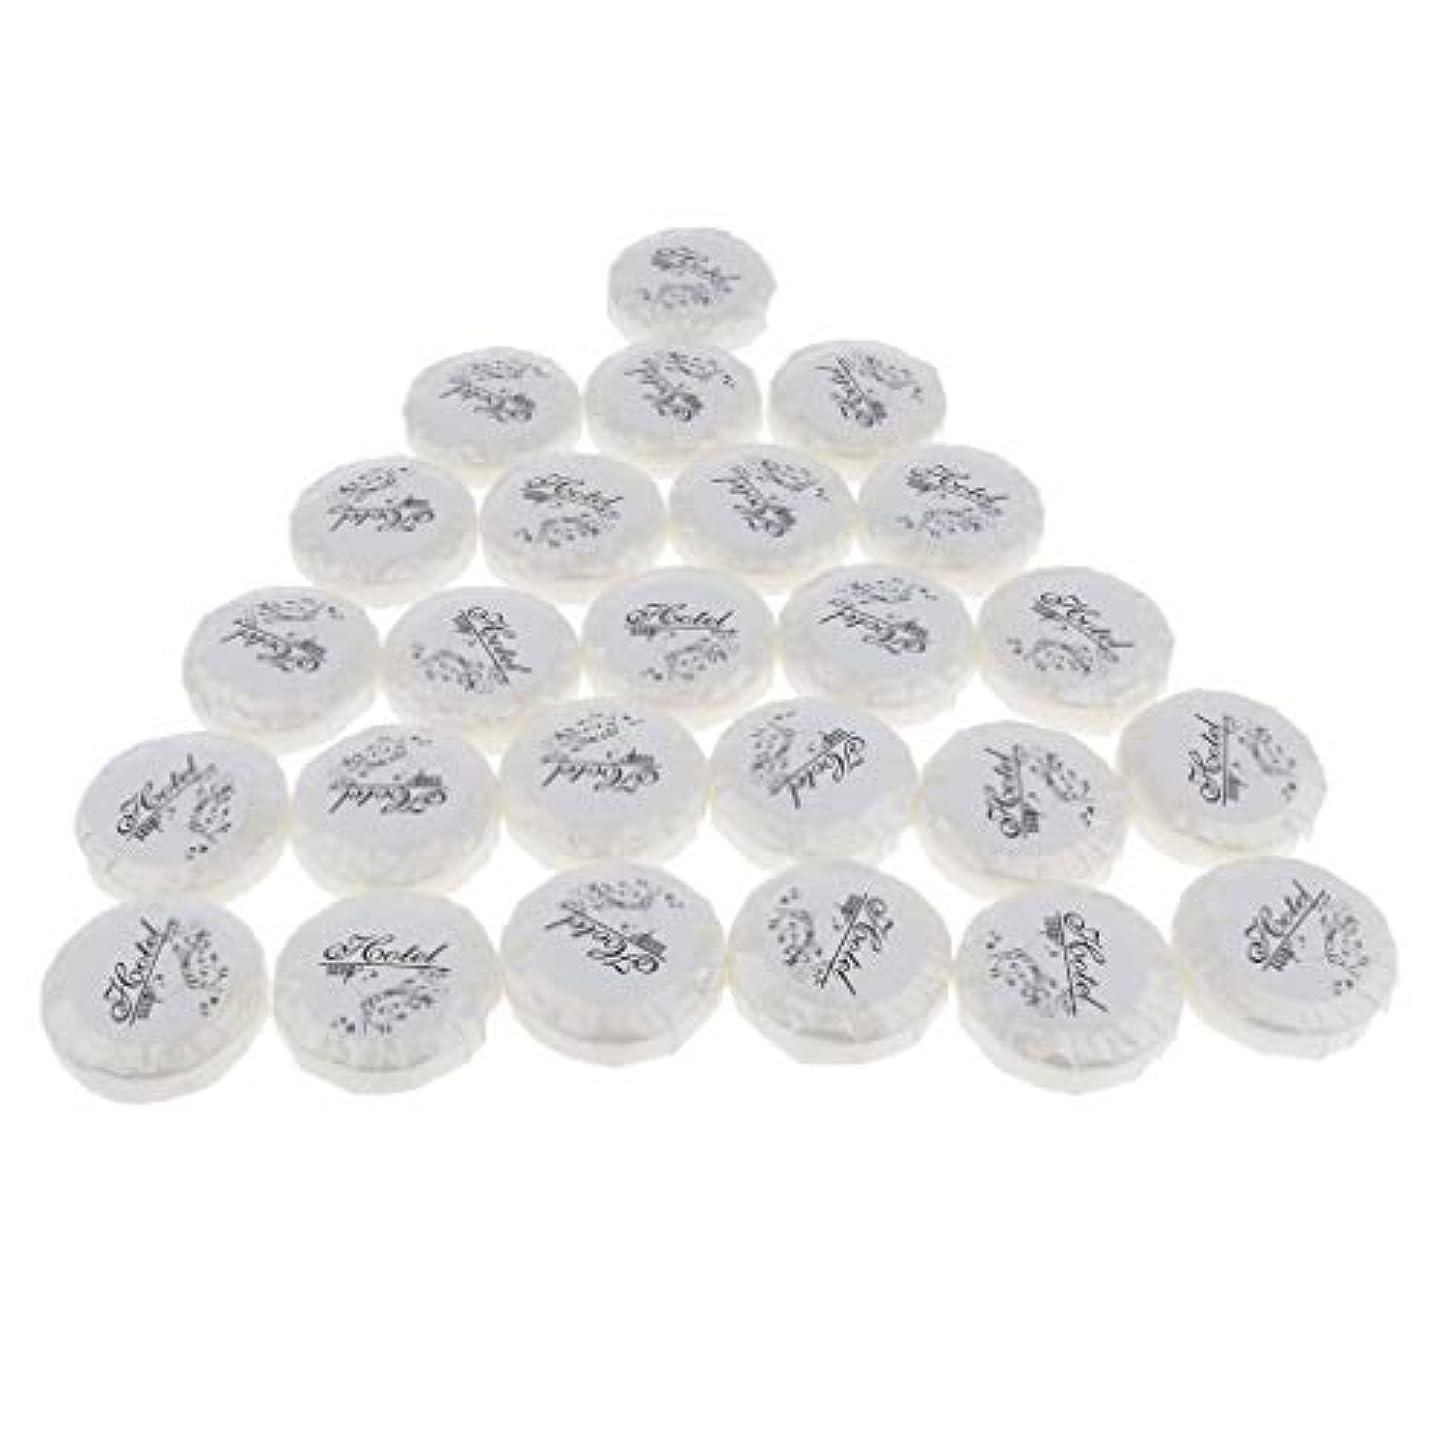 群れ系統的読者約150個セット 石鹸 洗顔石鹸 固形せっけん 無添加 植物油 ミニサイズ 携帯用 全3種類選ぶ - 13g